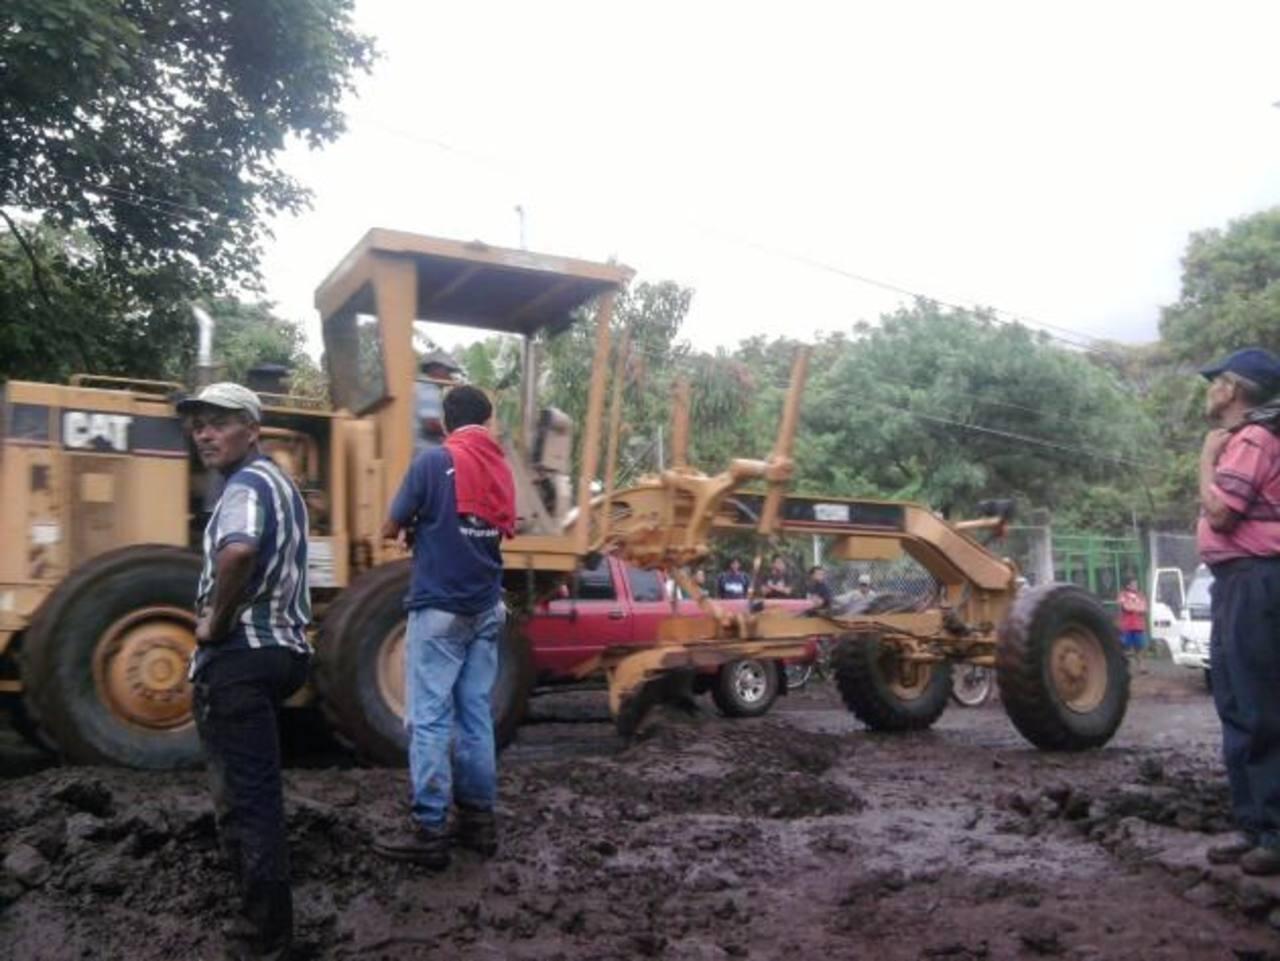 Maquina de Fovial quitó diques con que protegían varias de las casas en el sector.